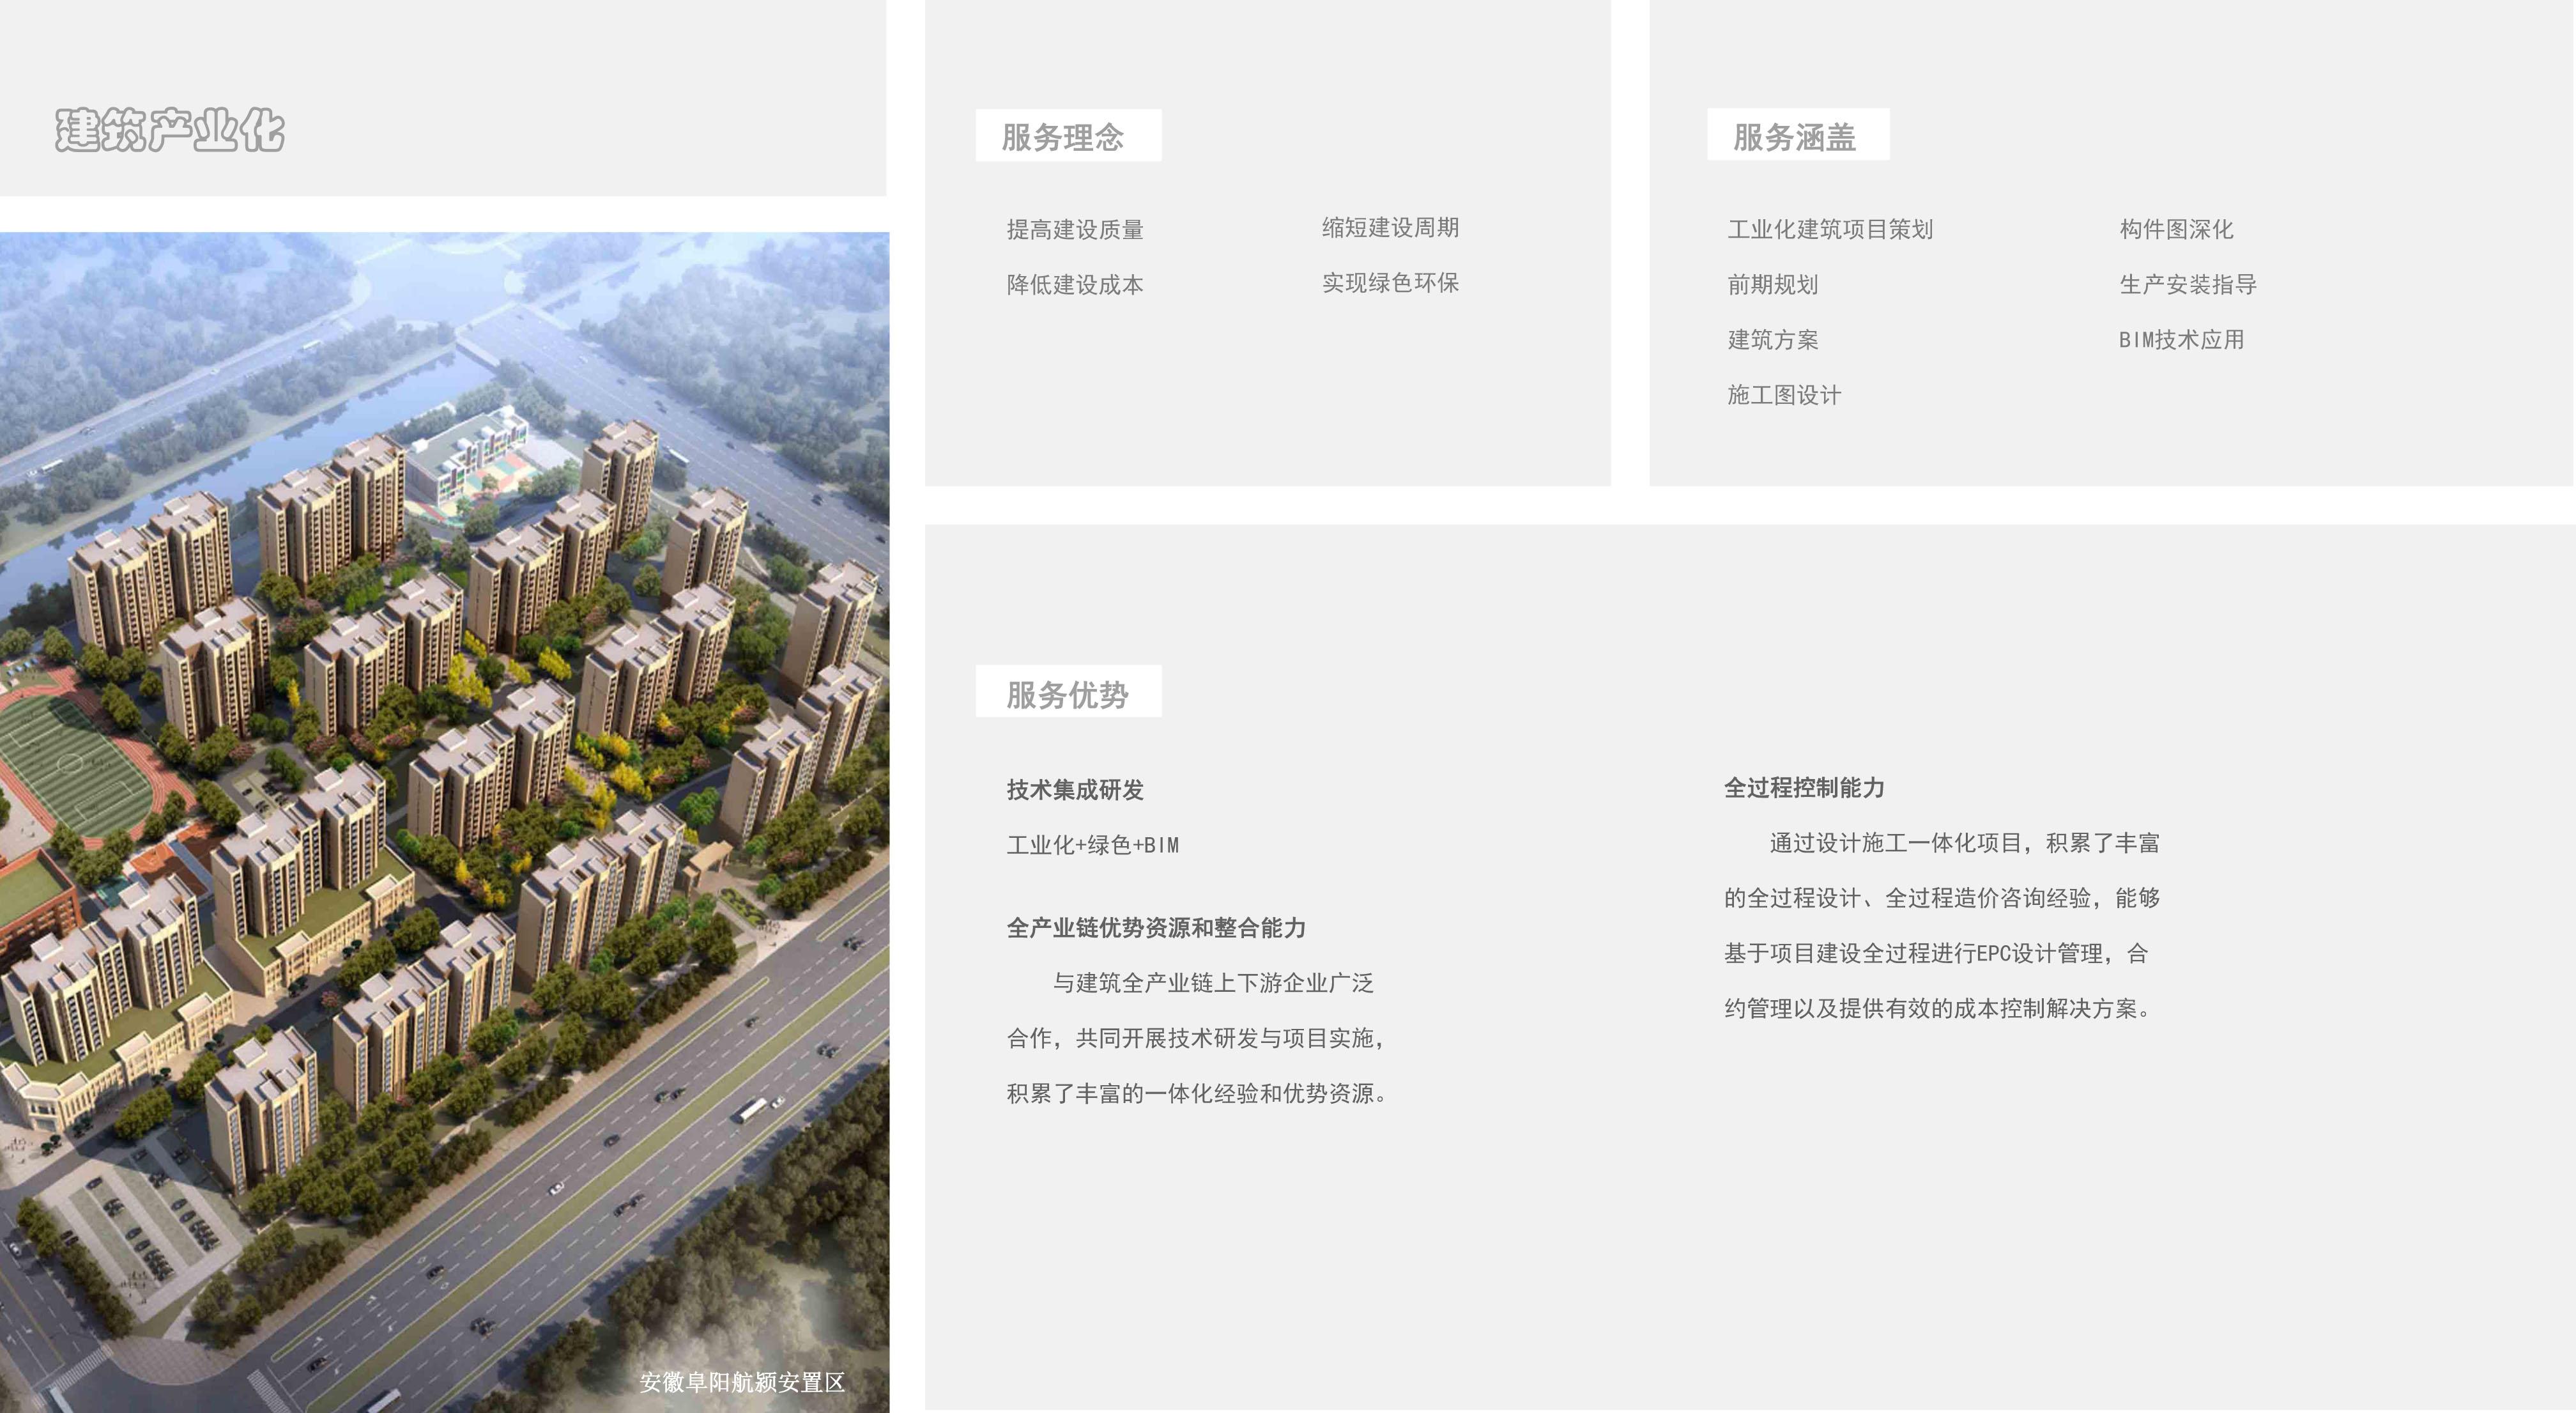 建筑产业化.jpg